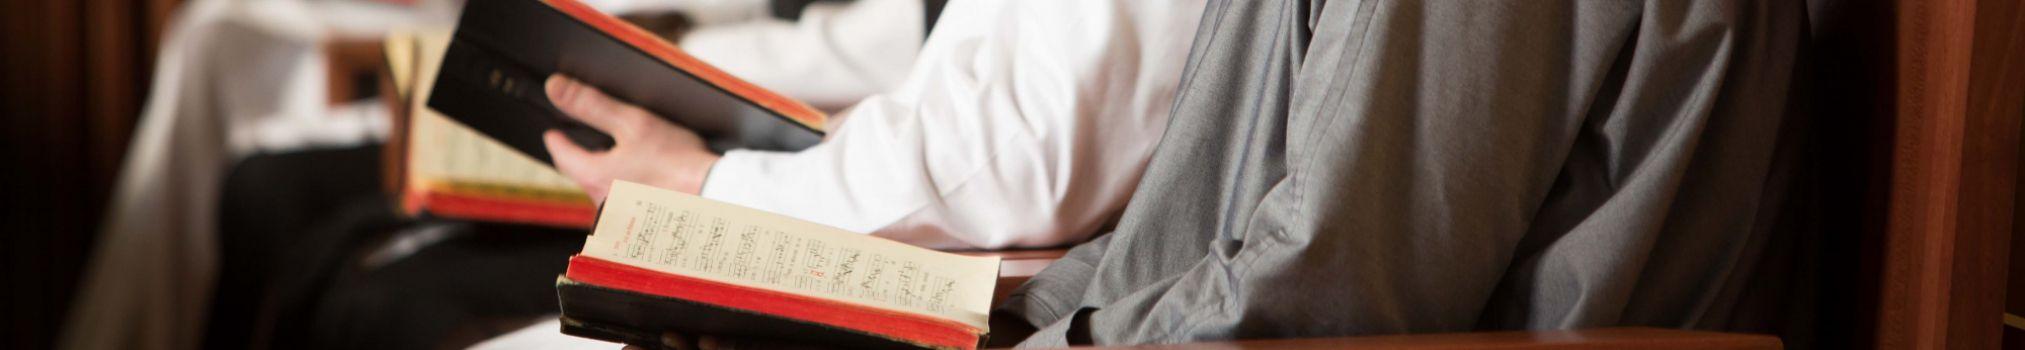 Les moines récitent des passages du Livre des Psaumes pendant l'office du midi